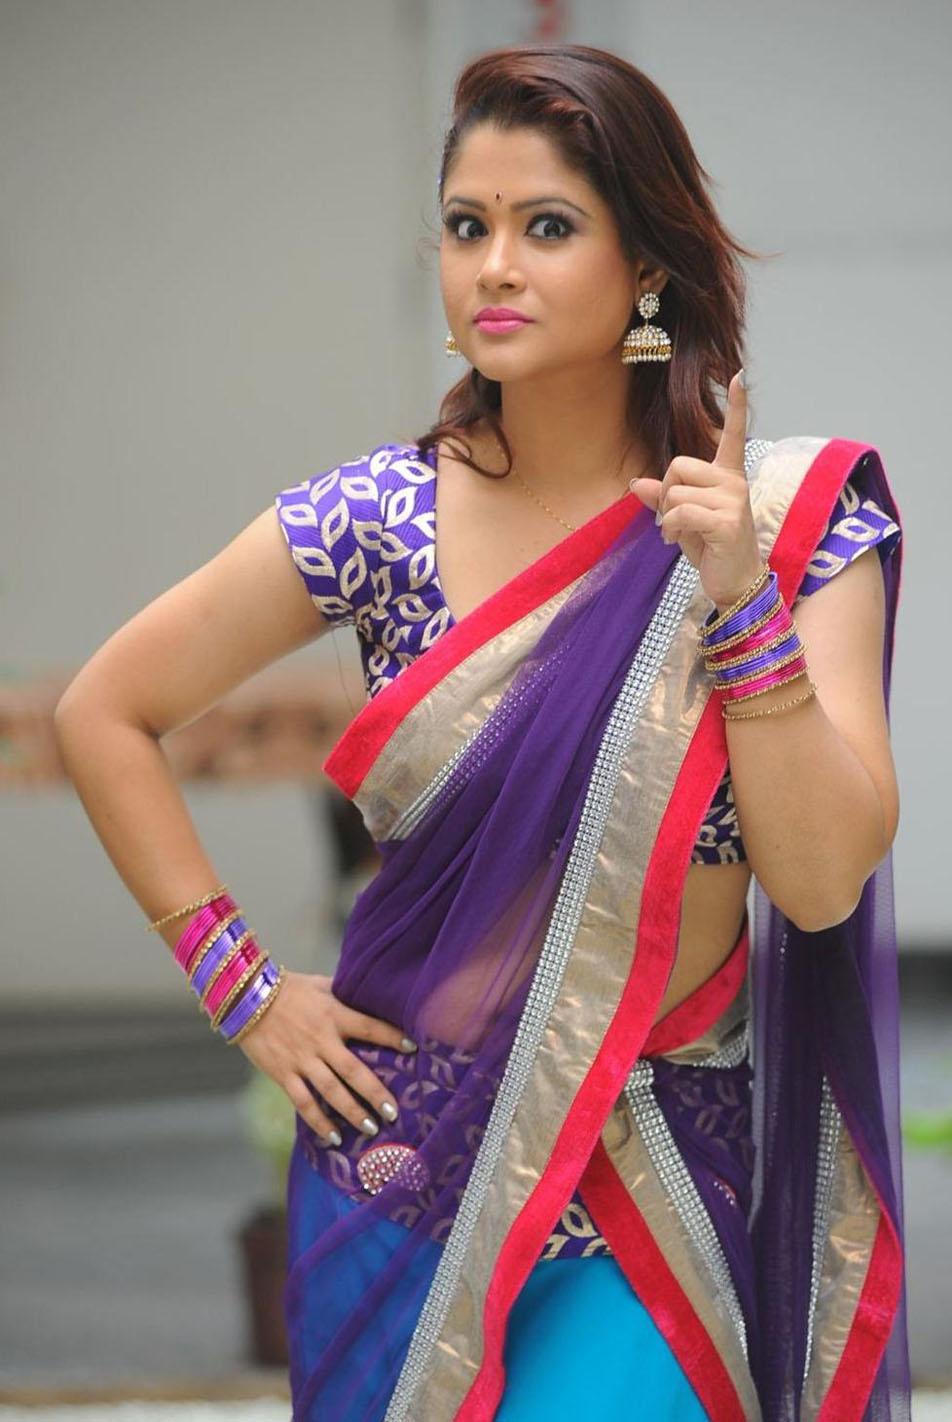 tollywoodtv: Shilpa Chakraborthi